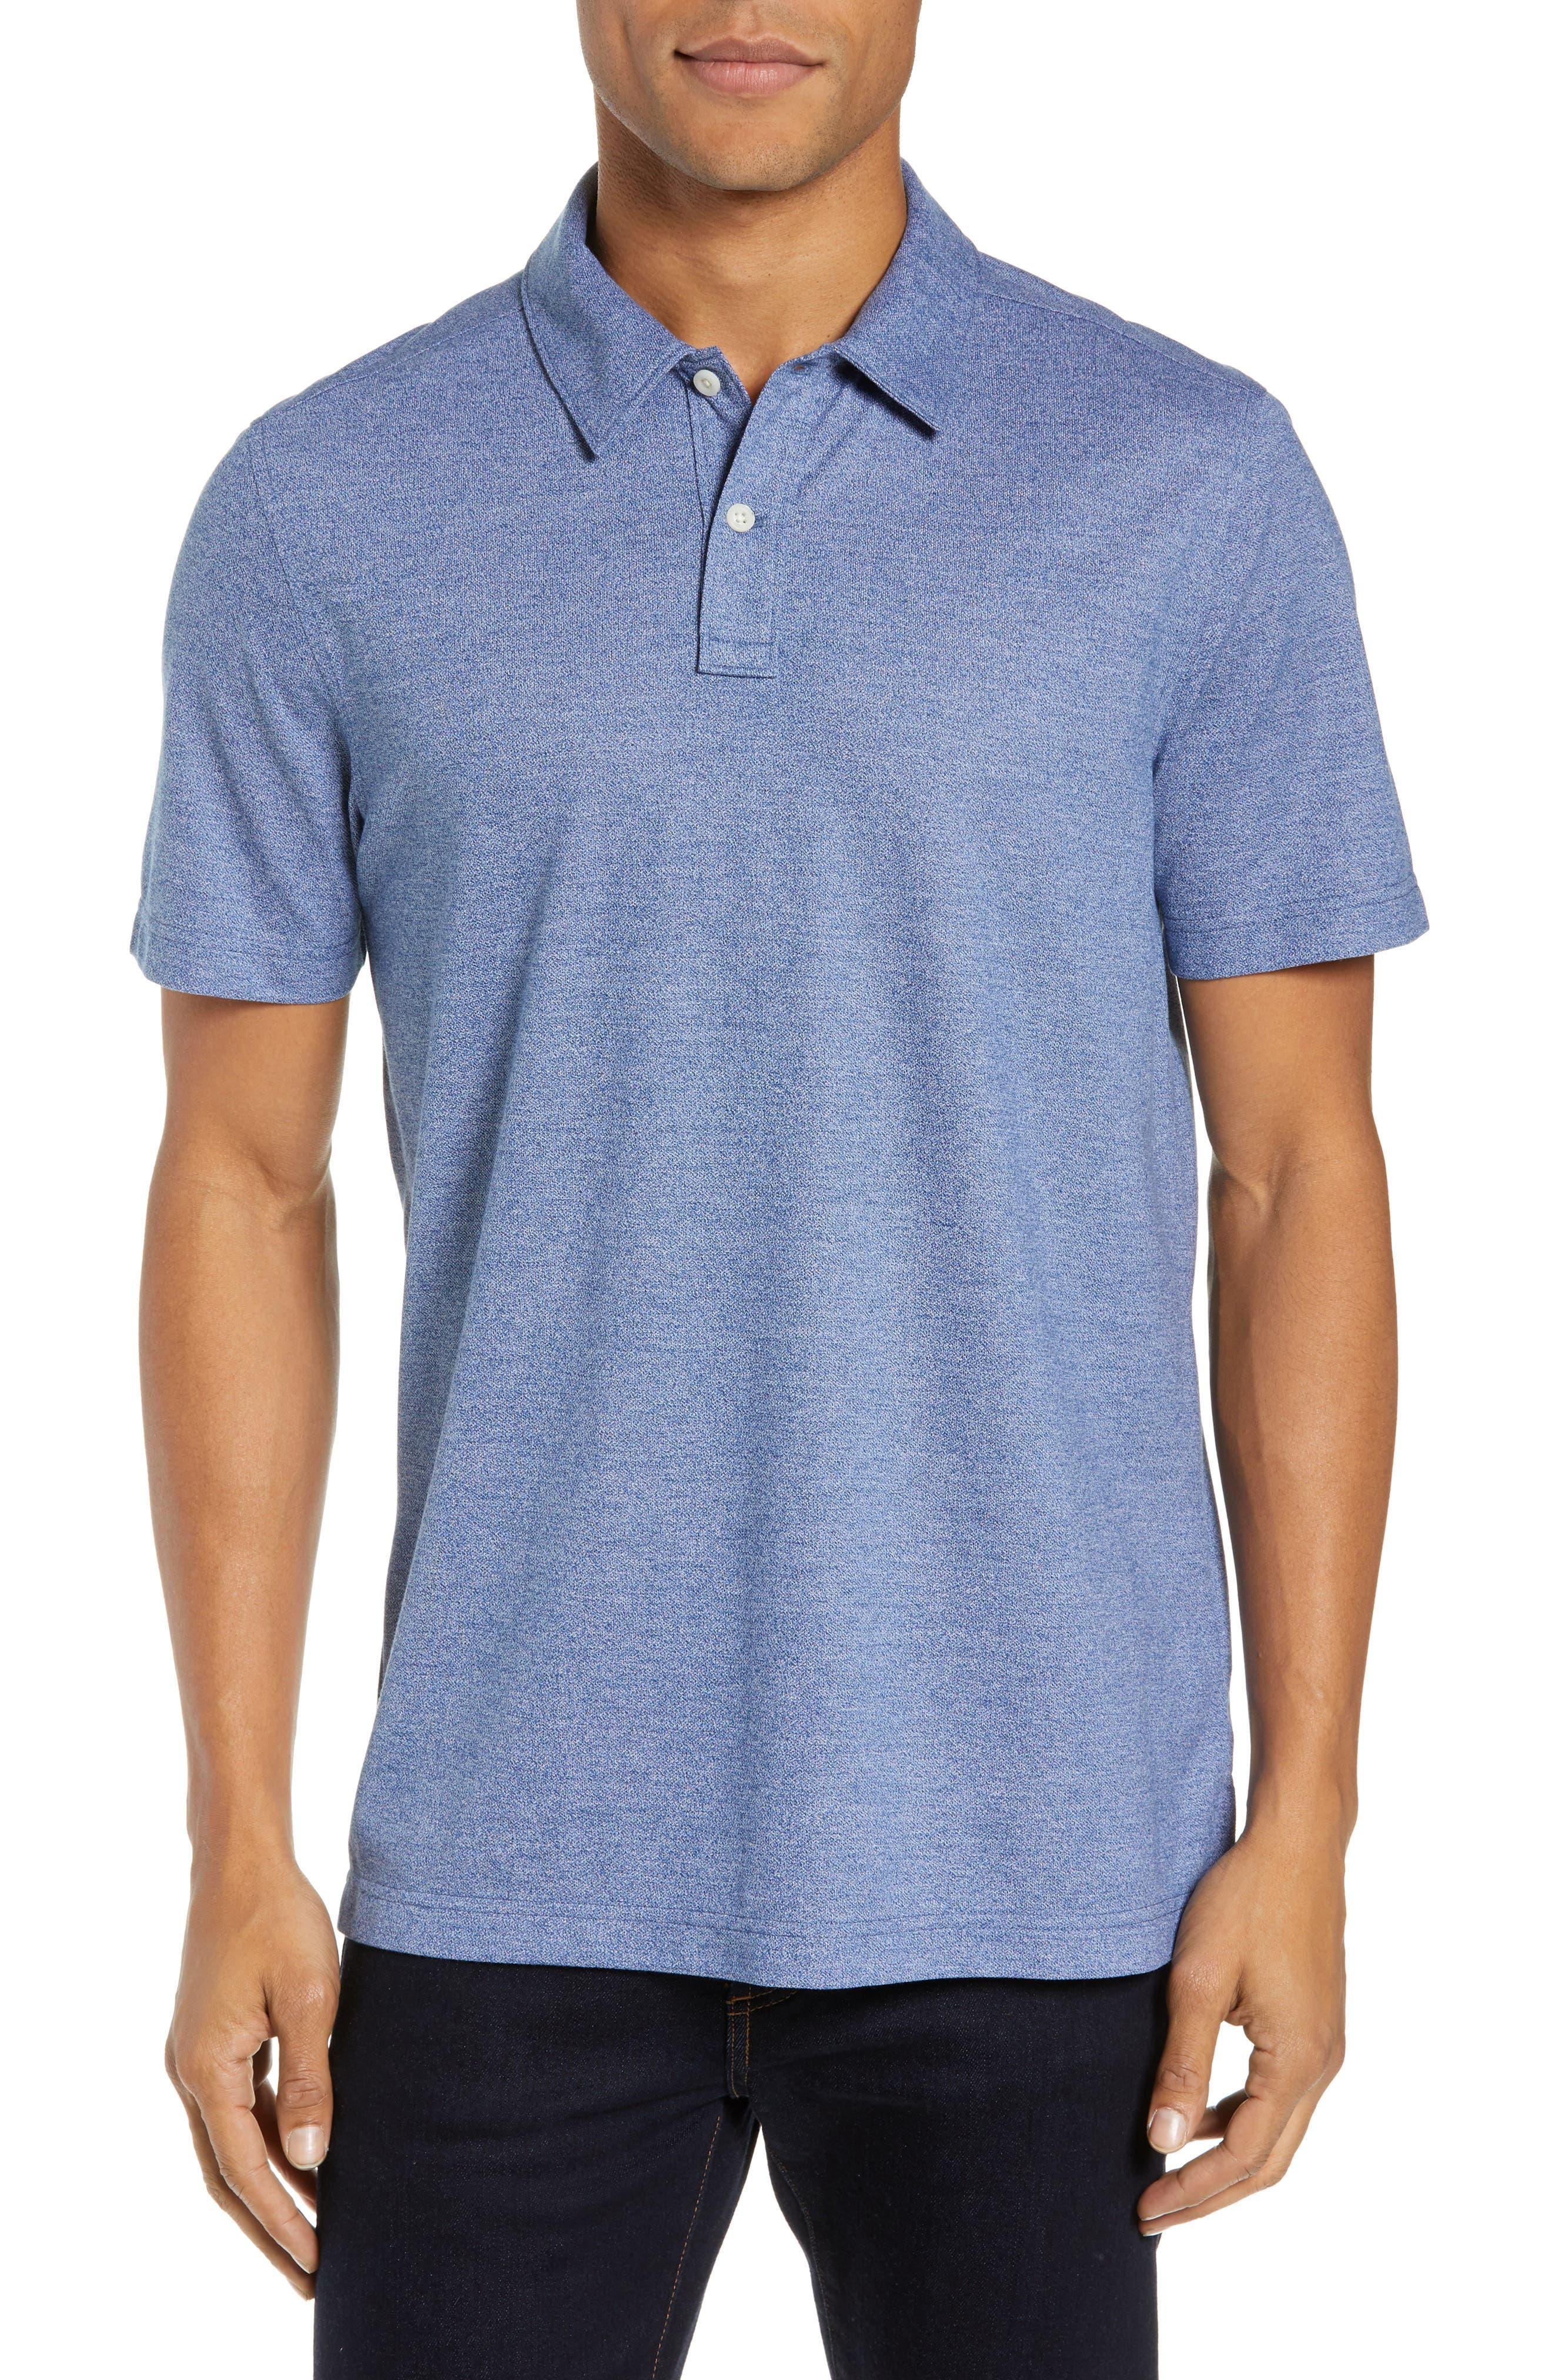 NORDSTROM MEN'S SHOP Regular Fit Polo, Main, color, BLUE CASPIA MELANGE